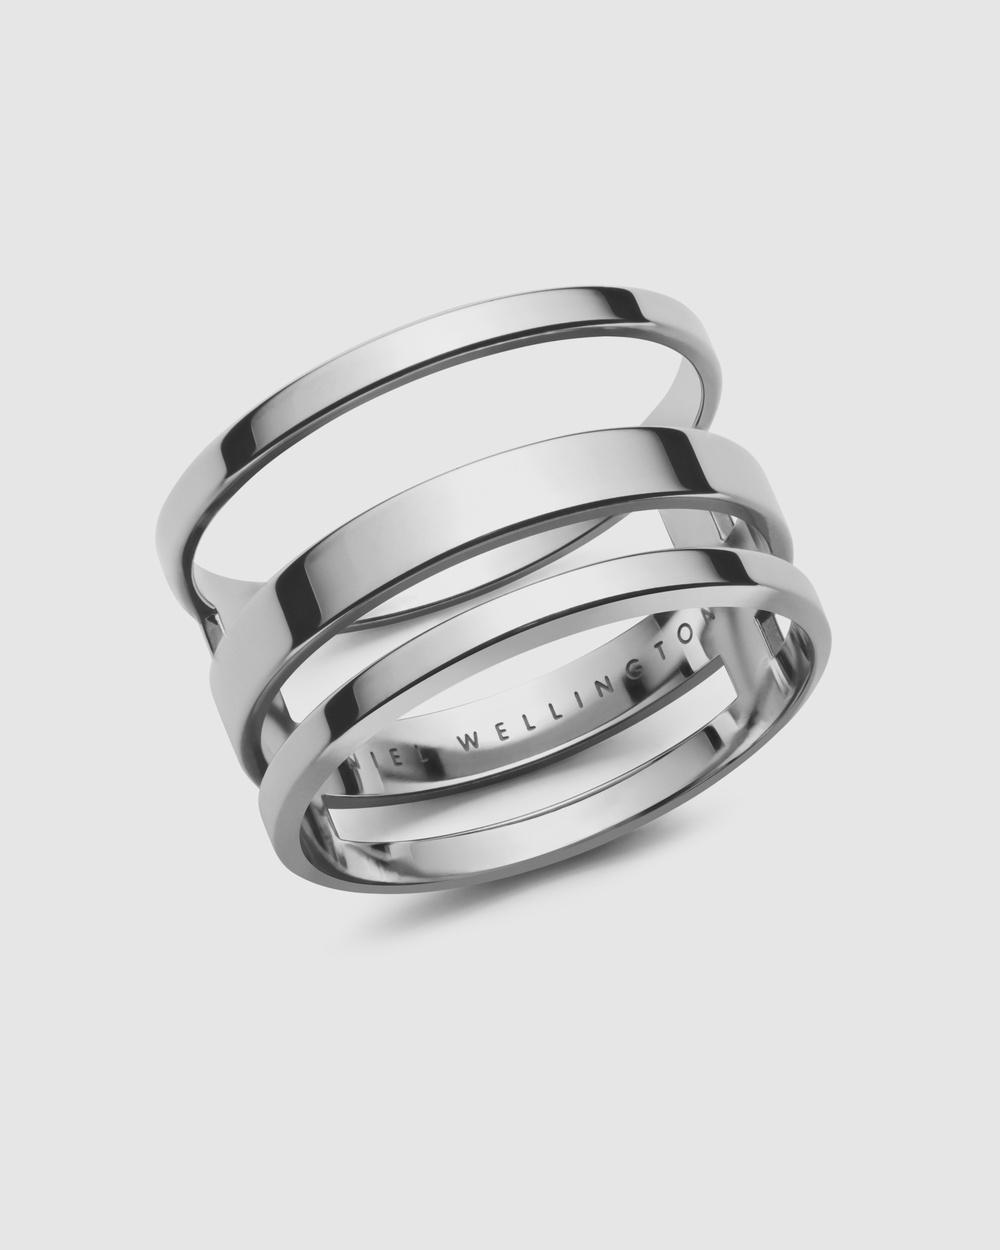 Daniel Wellington Elan Triad Ring Jewellery Silver